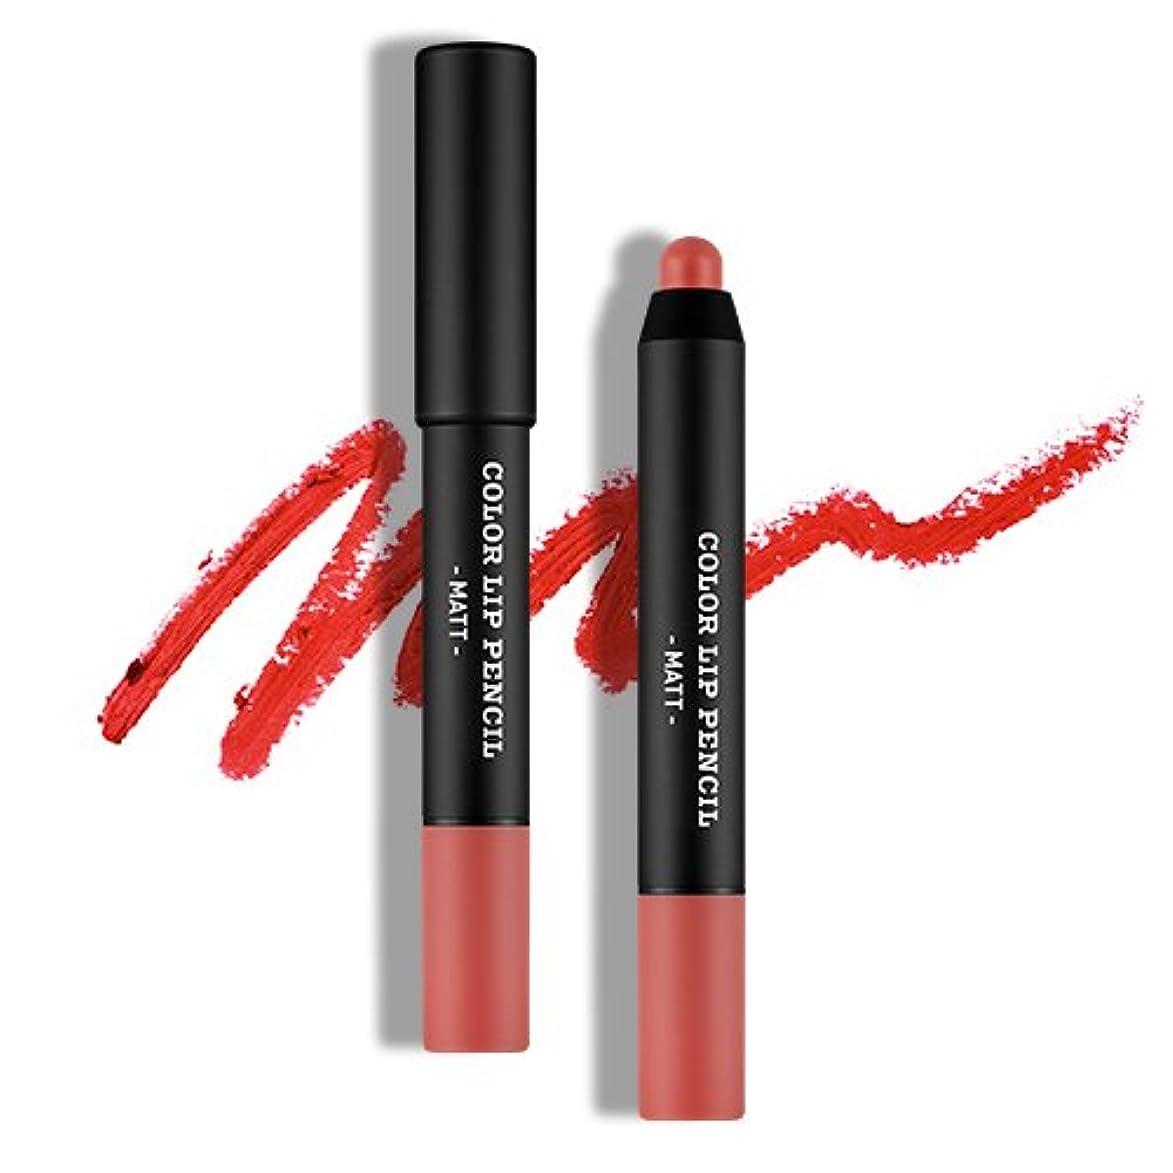 急性鮫避けられない[韓国コスメ Apieu] [オピュ] カラーリップペンシル(マット) [Apieu] Color Lip Pencil(Matt) (CR01) [並行輸入品]